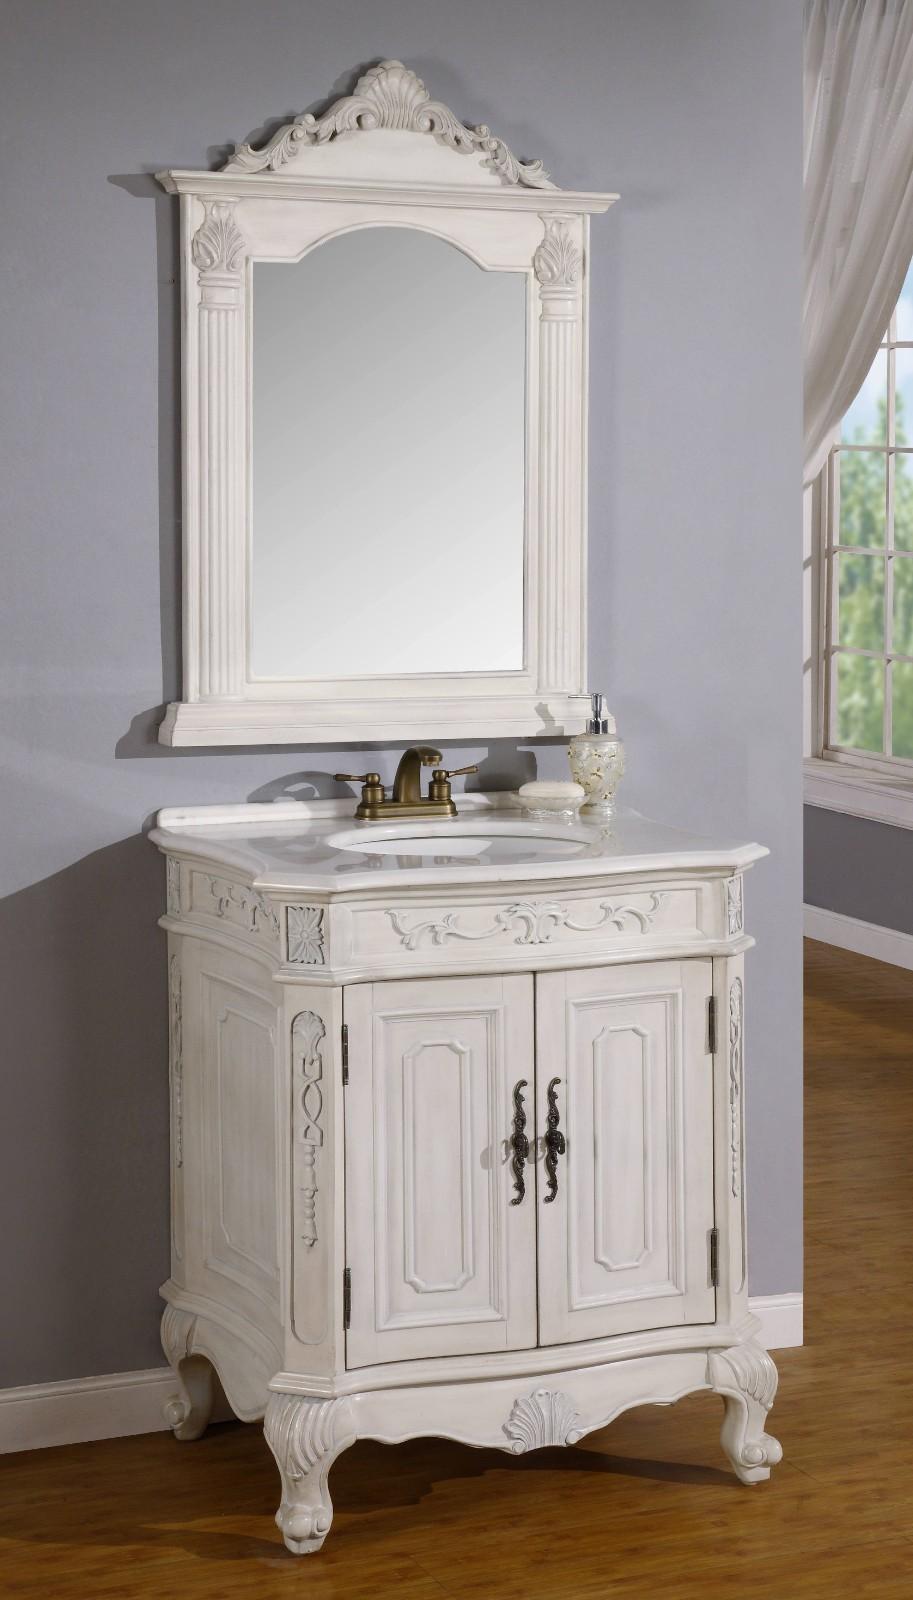 12 Inch to 29 Inch Wide Vanities | Ornate Sink Vanity ...